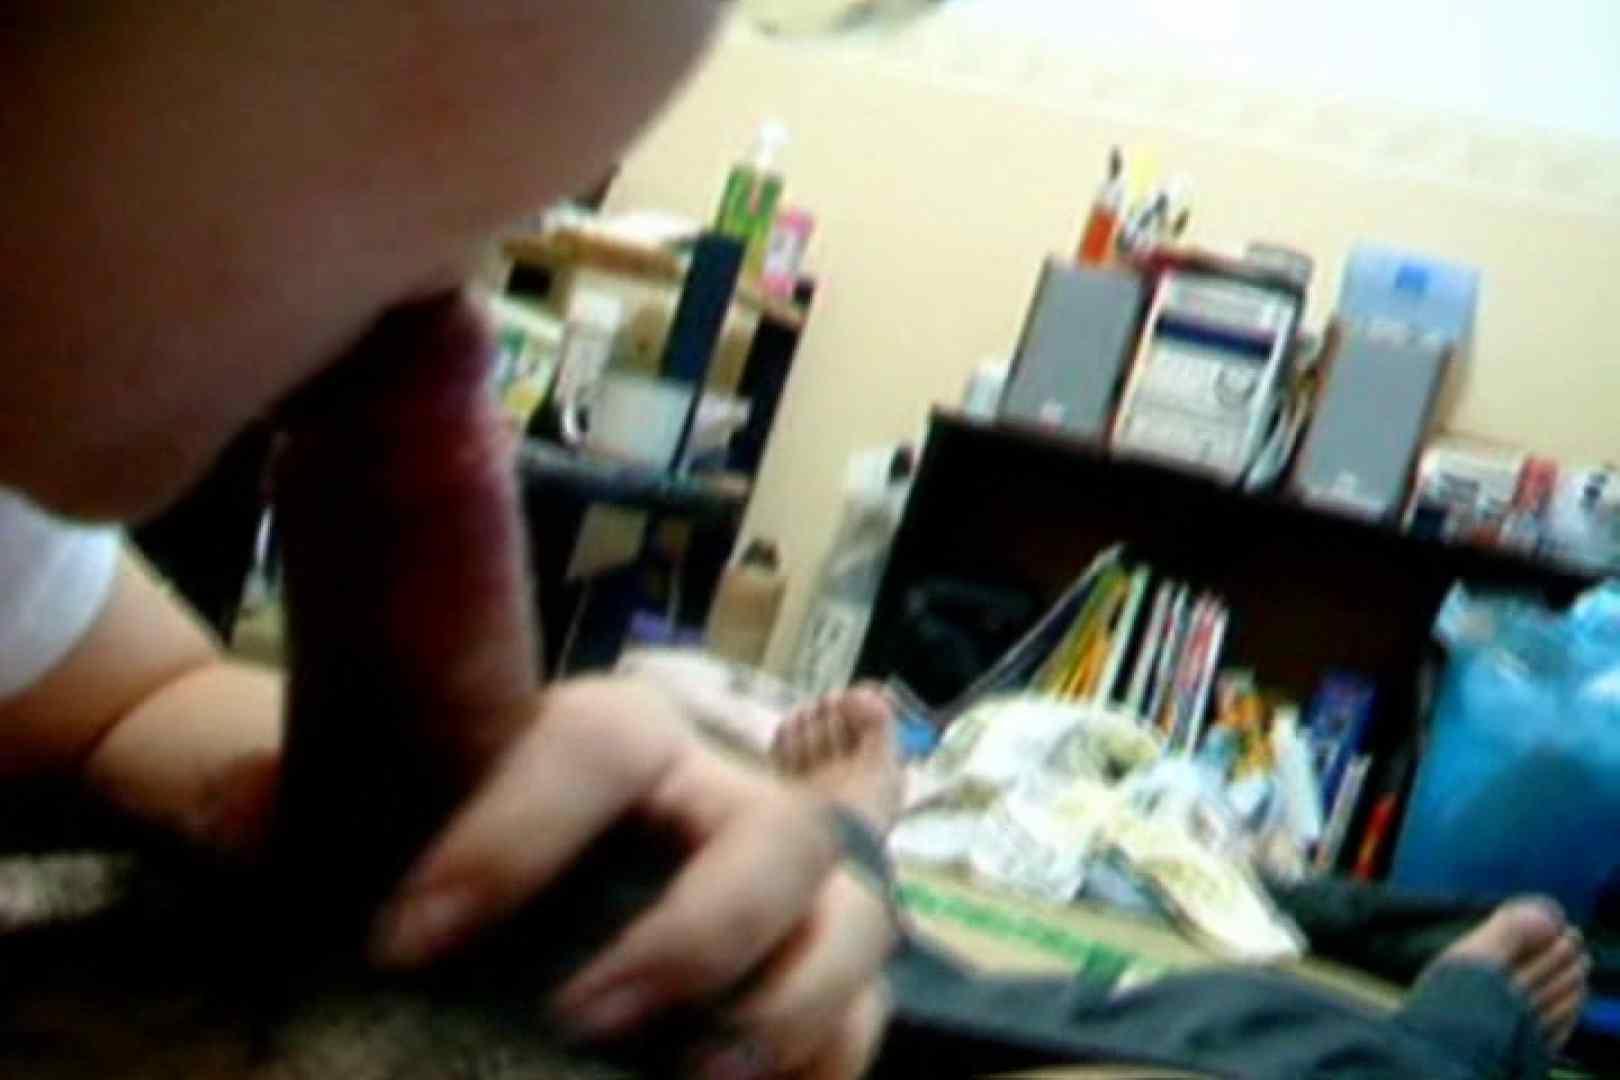 ウイルス流出 鹿児島県庁職員 中瀬瀬久成の流出ビデオ 超エロギャル SEX無修正画像 69枚 42